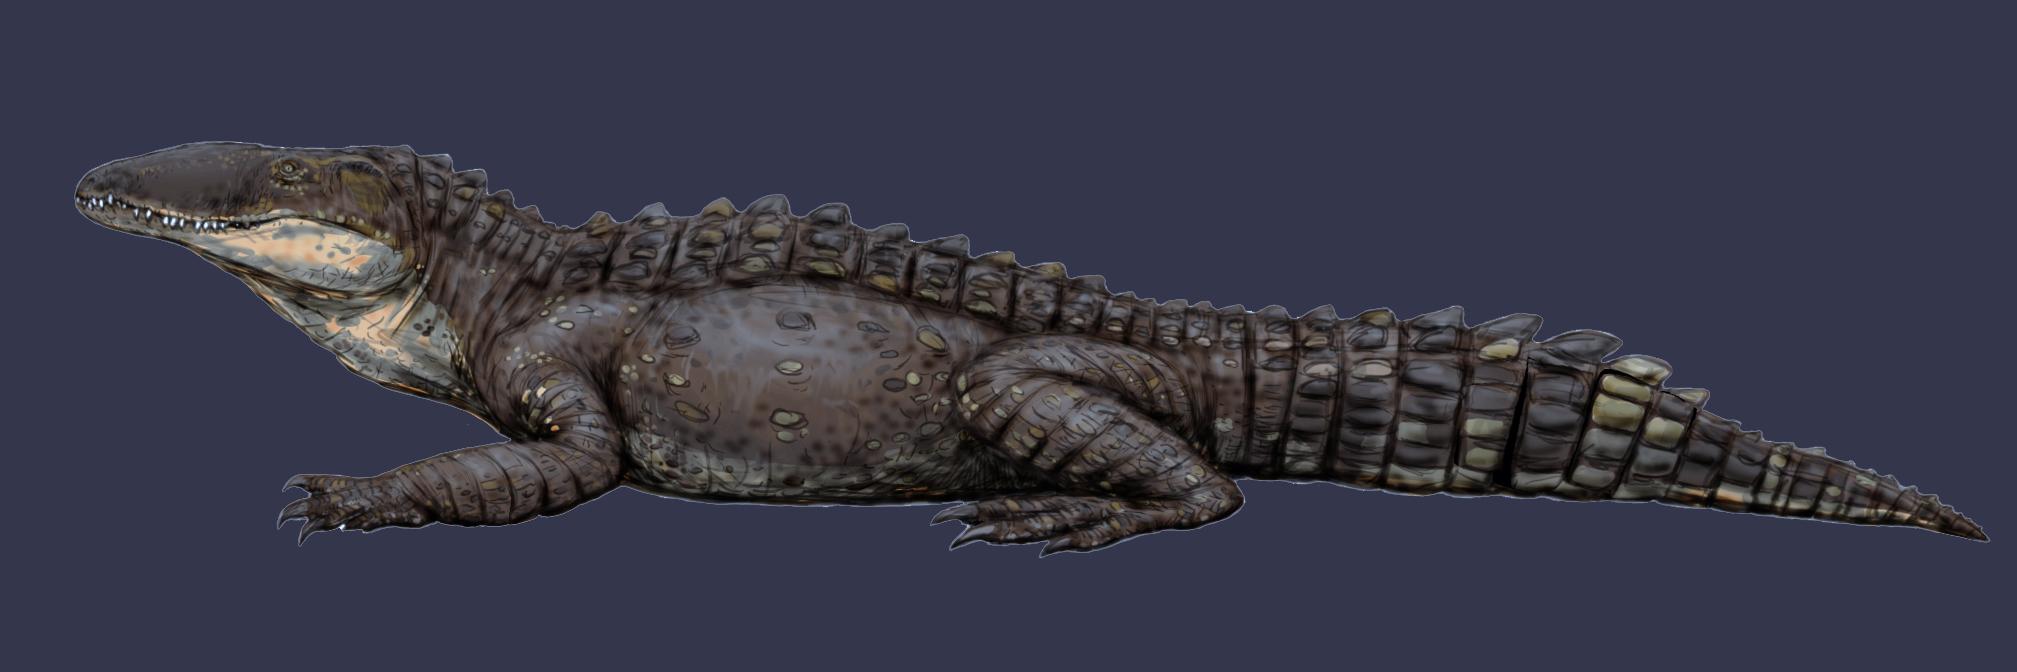 Реконструкция представителя вымершего рода Sebecus. Фото © Wikipedia